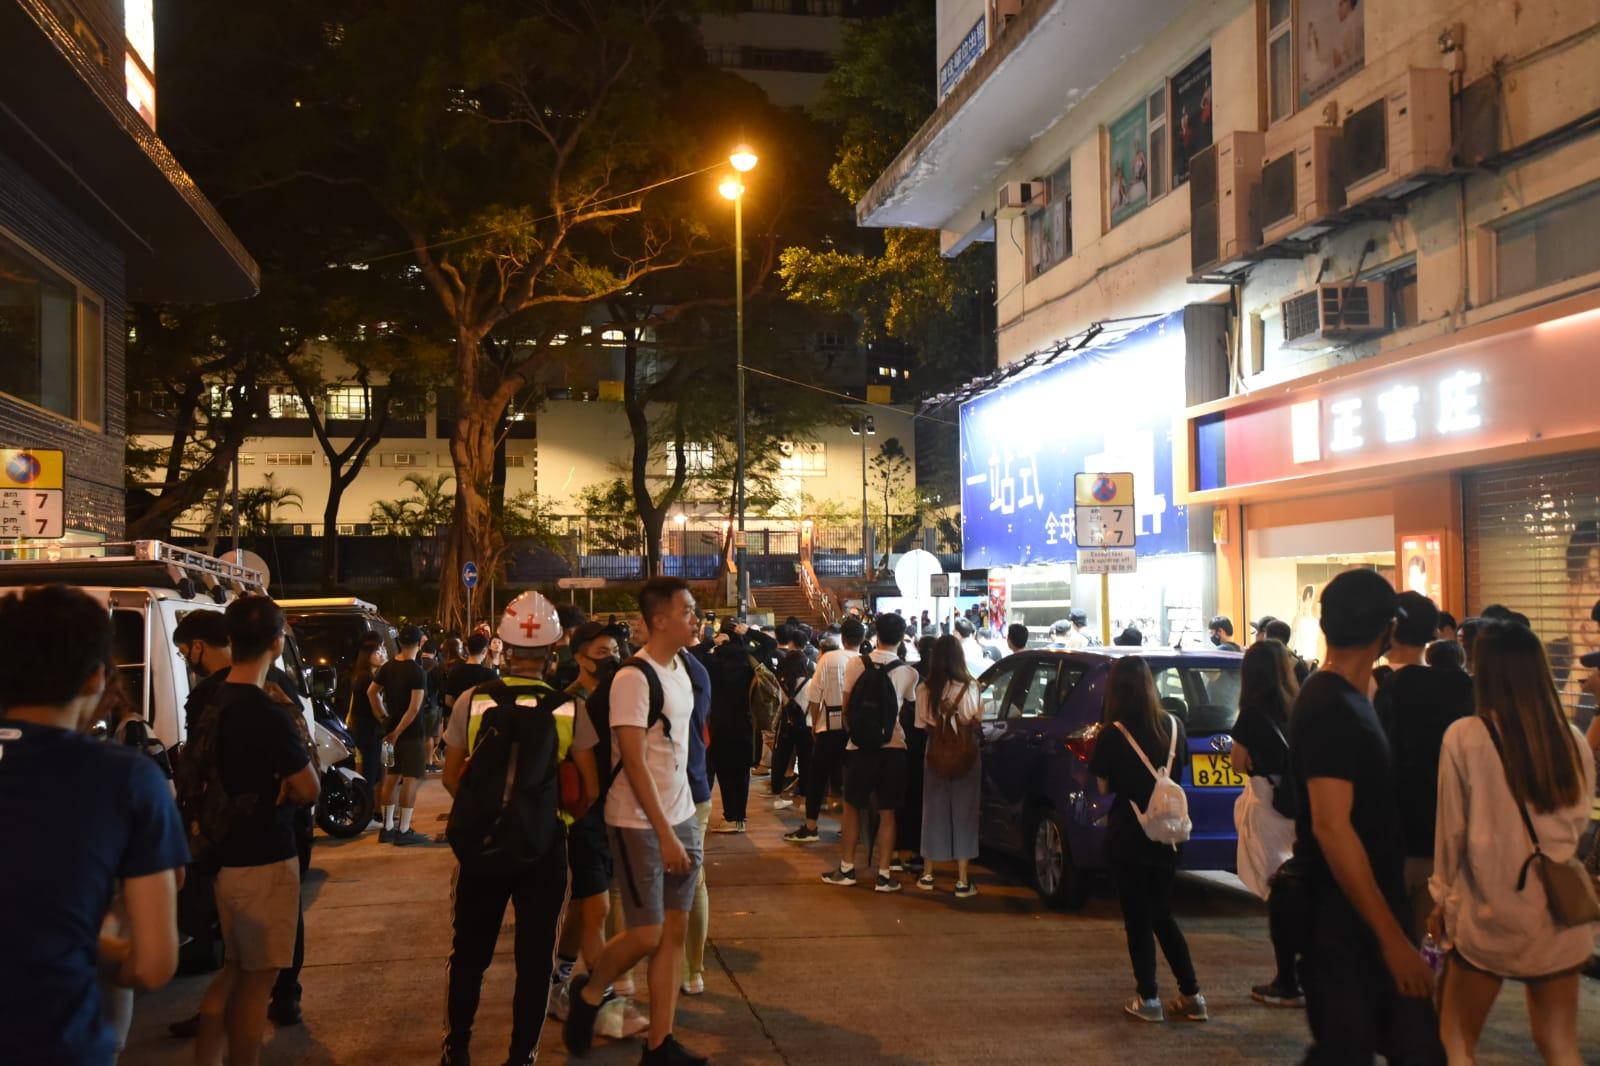 尖沙嘴警署外有人群聚集。